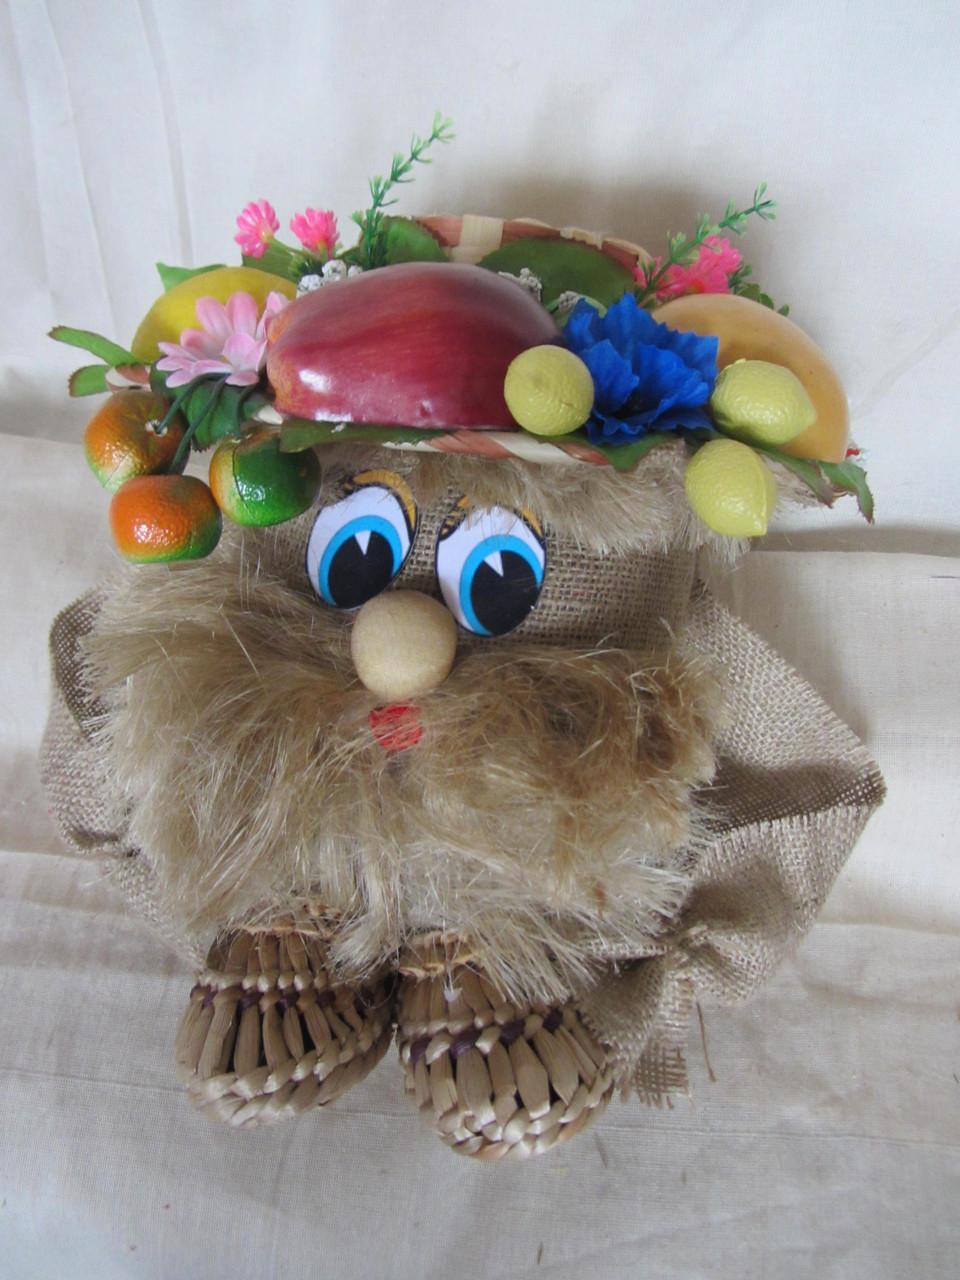 Домовой с фруктами на шляпе, 205/245 (цена за 1 шт. + 40 гр.)